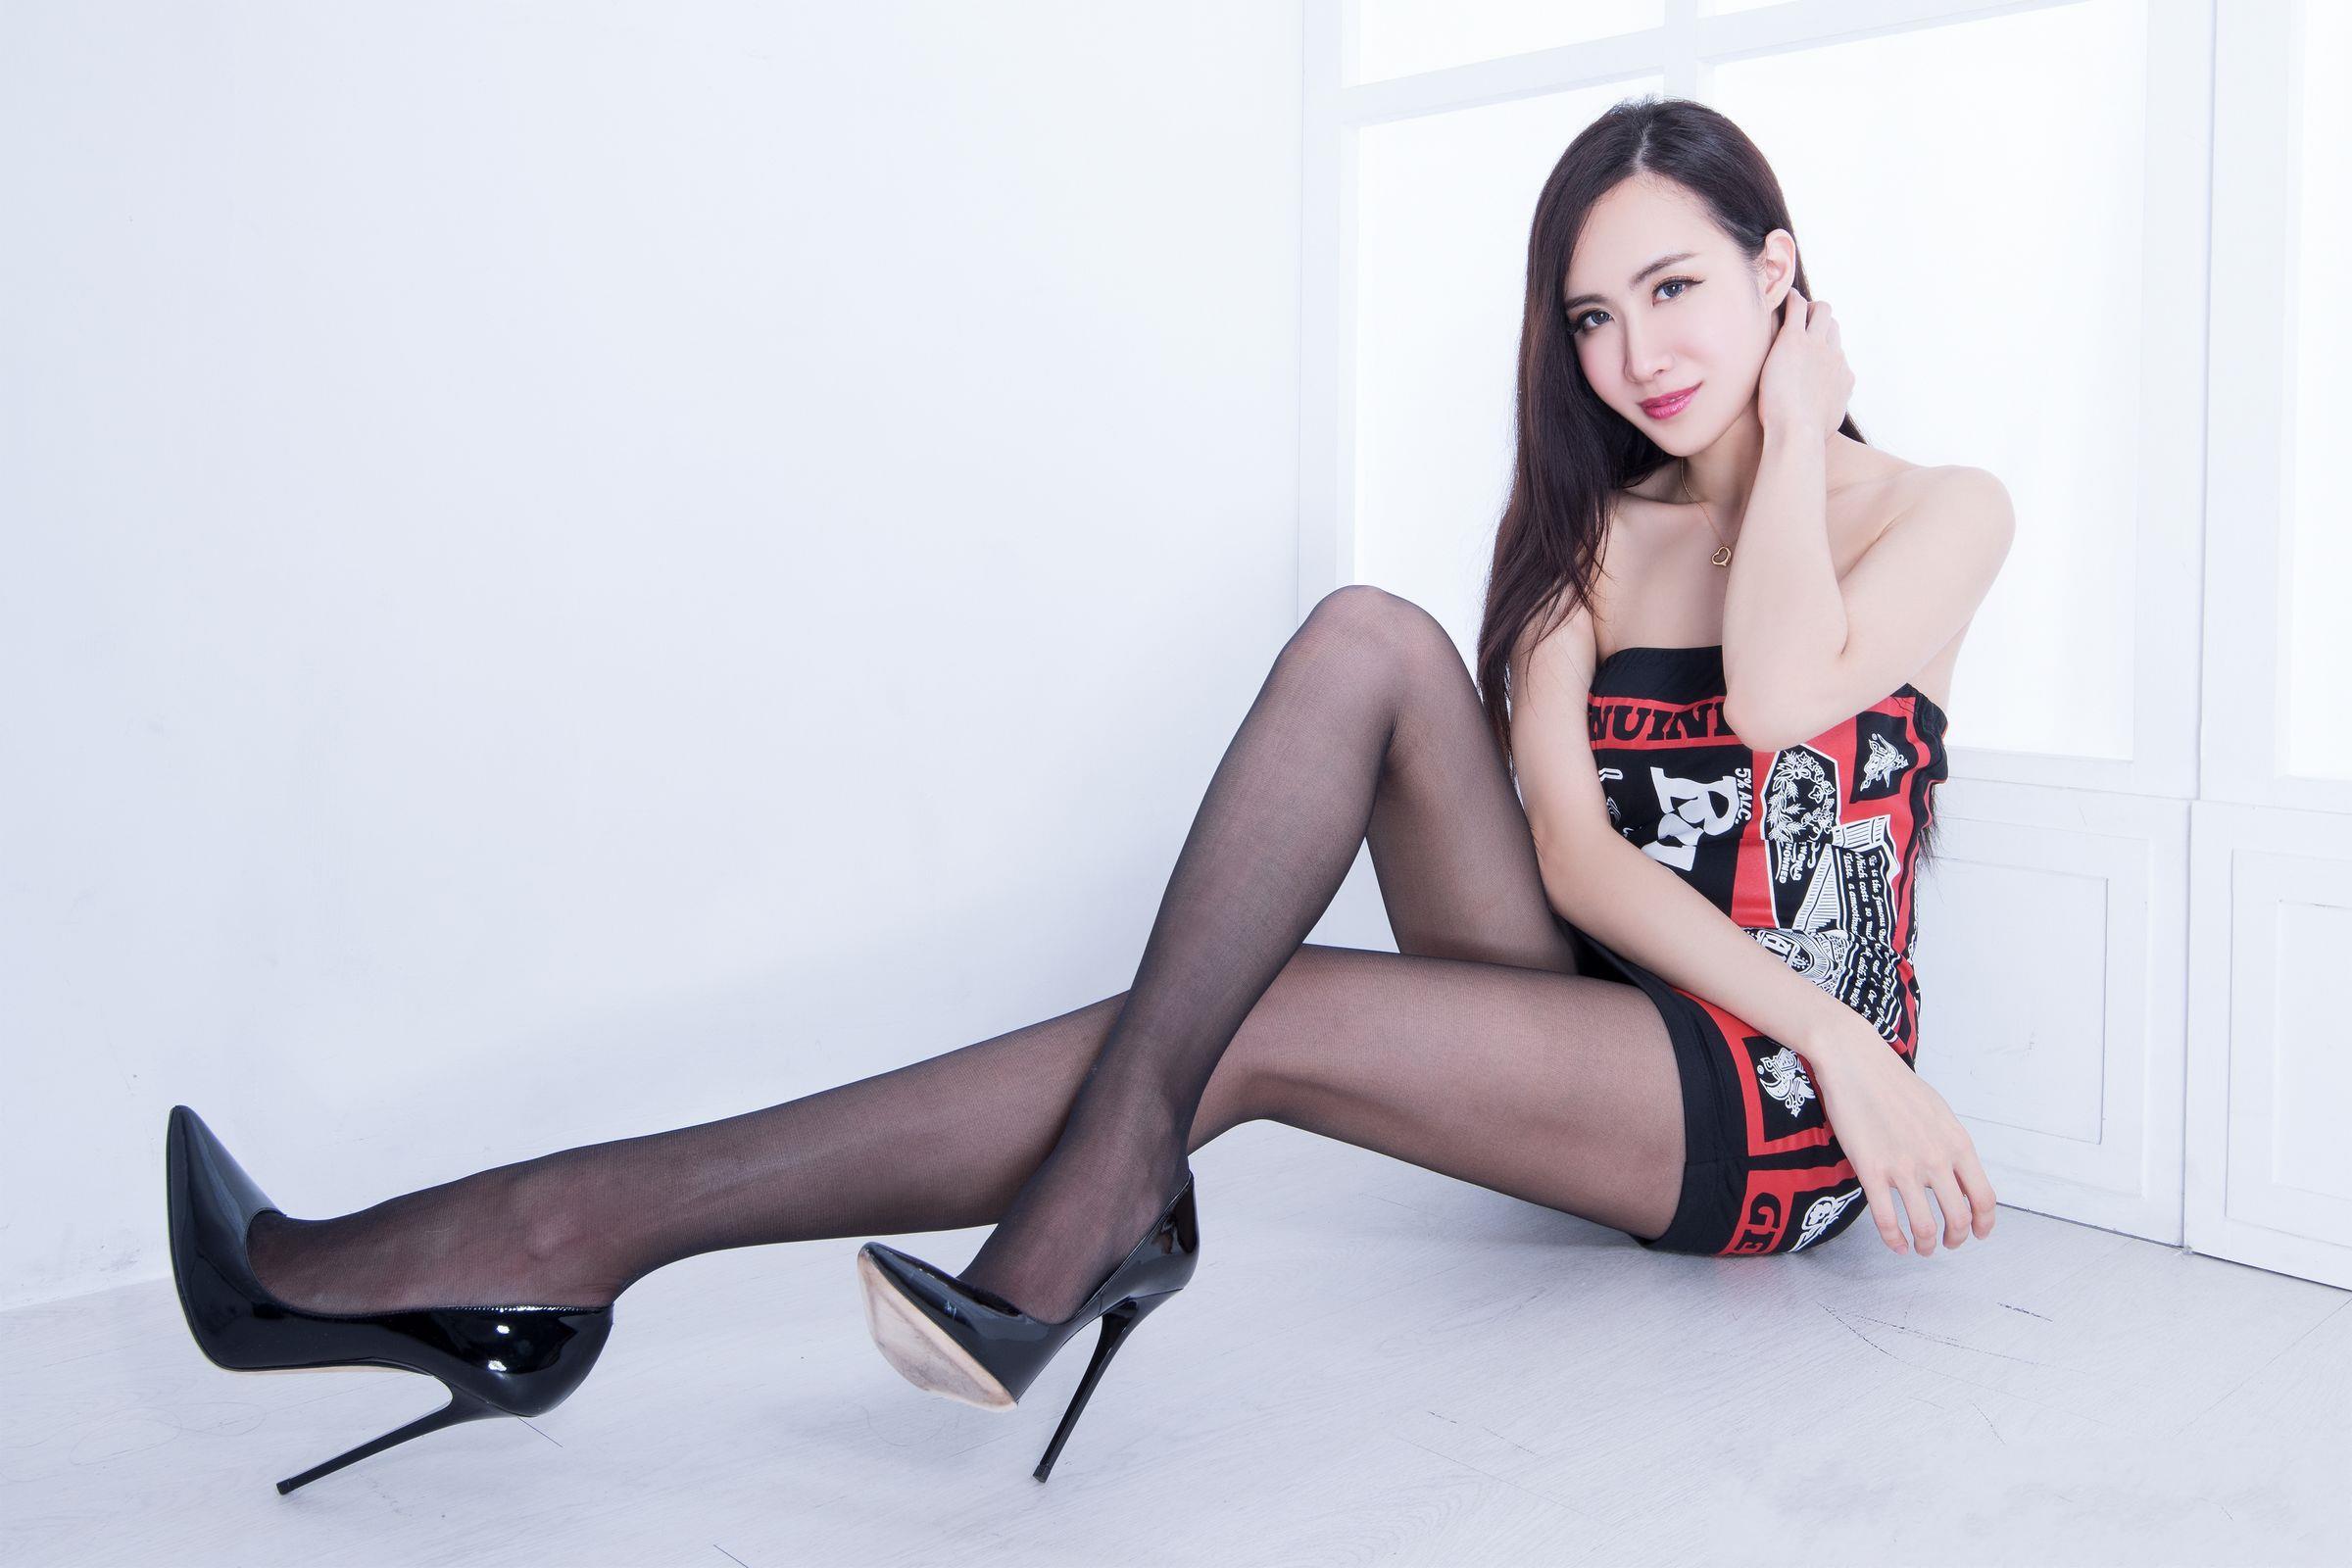 北彩美女美腿秀--Emma和FII[40P]Bm302